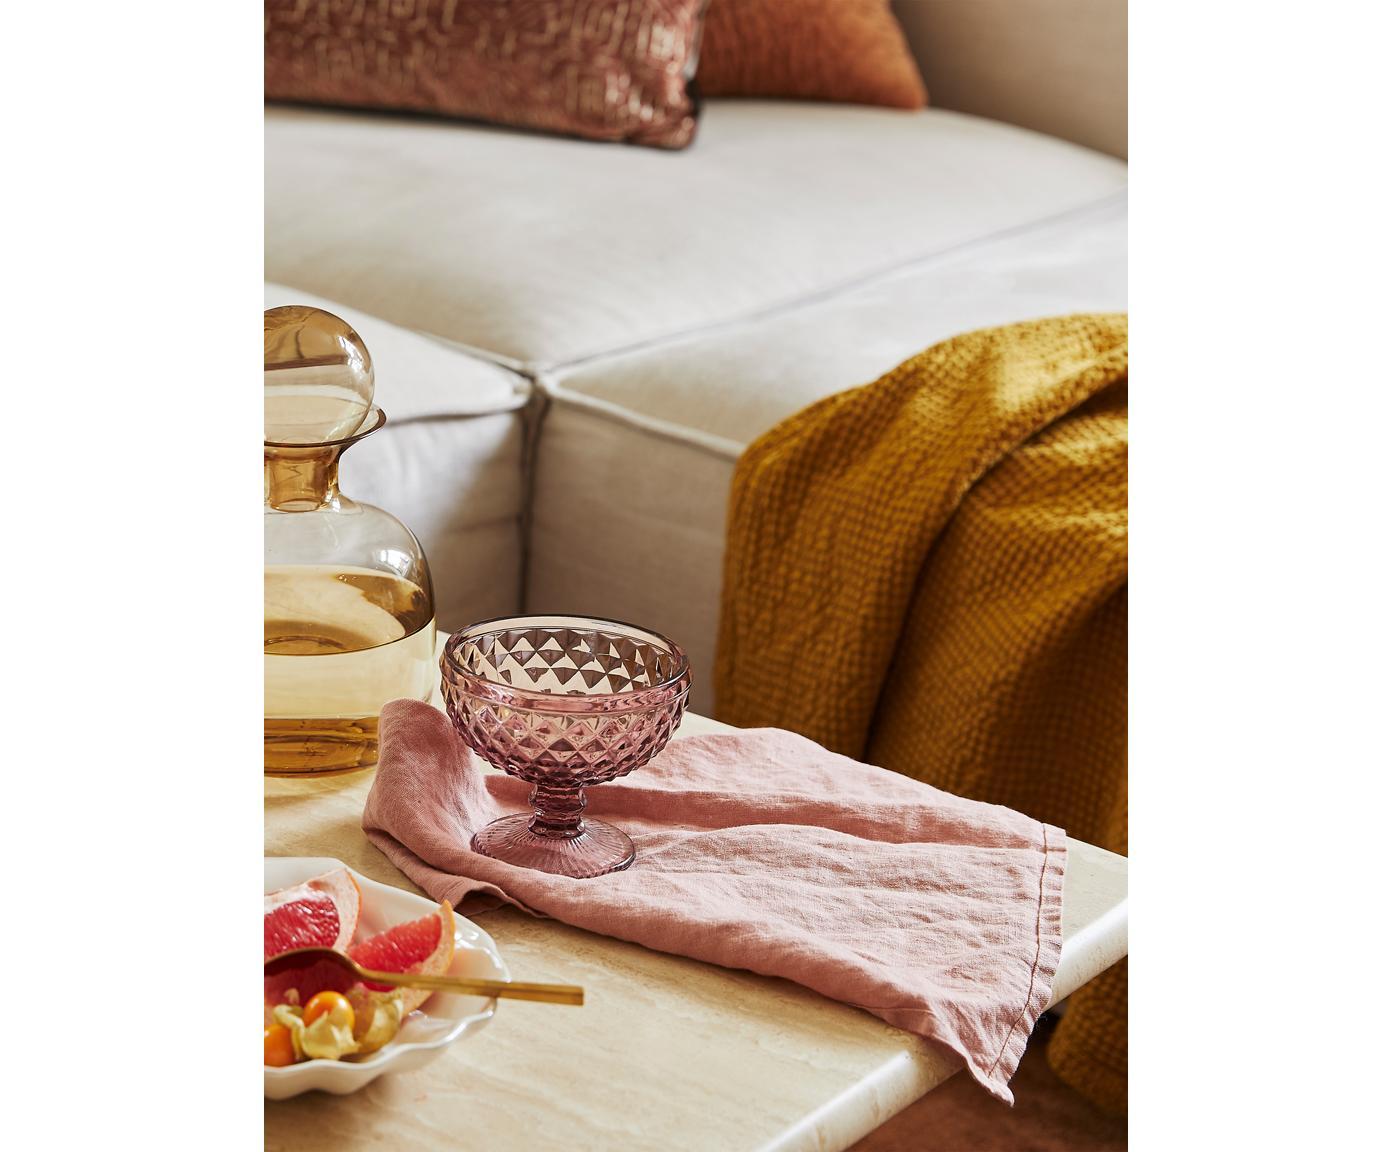 Stoff-Servietten Kinia aus Halbleinen, 4 Stück, 55% Baumwolle, 45% Leinen, Altrosa, 45 x 45 cm